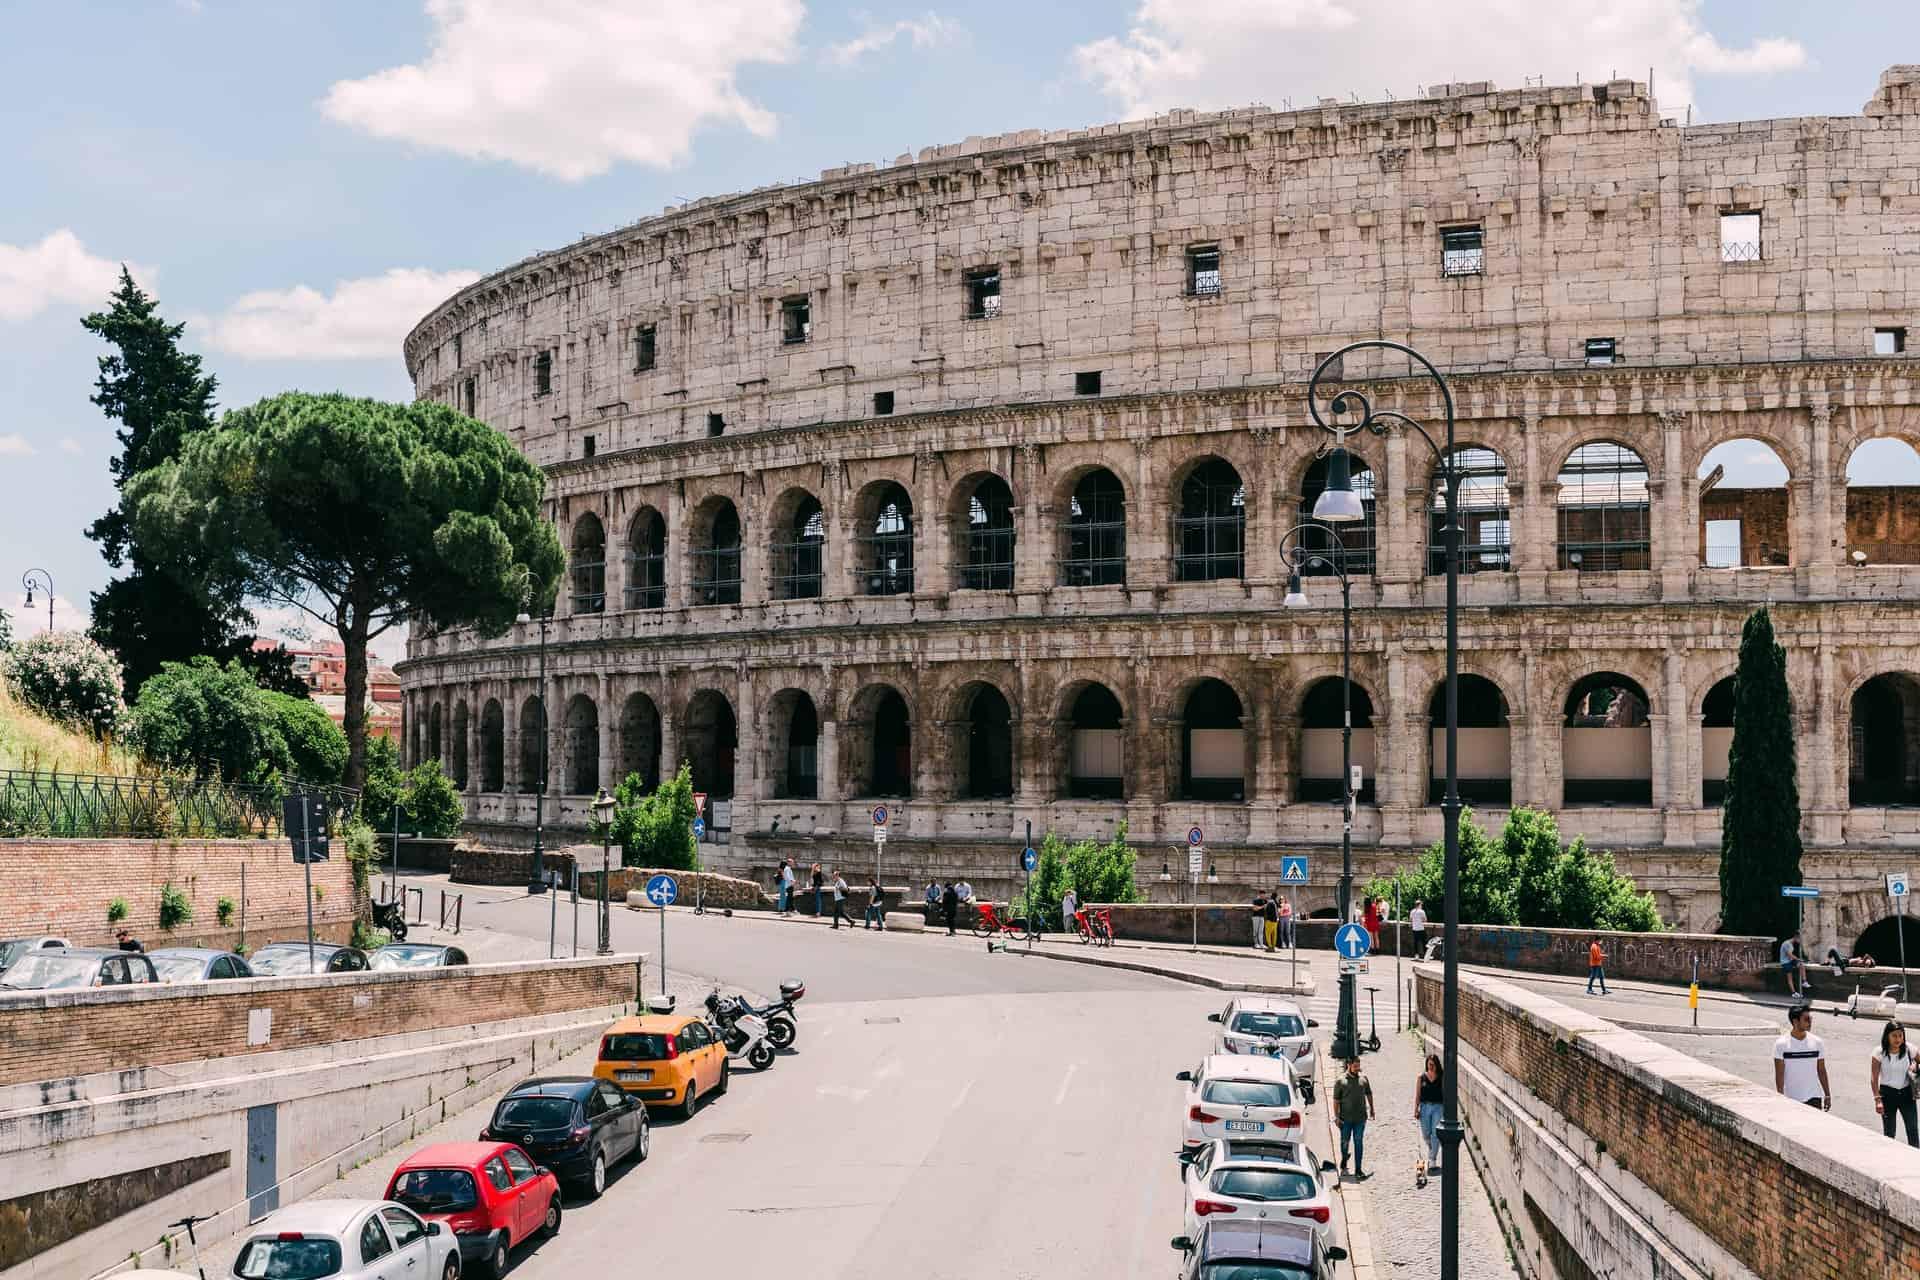 Un turista irlandés fue atrapado por seguridad marcando sus iniciales en el Coliseo Romano